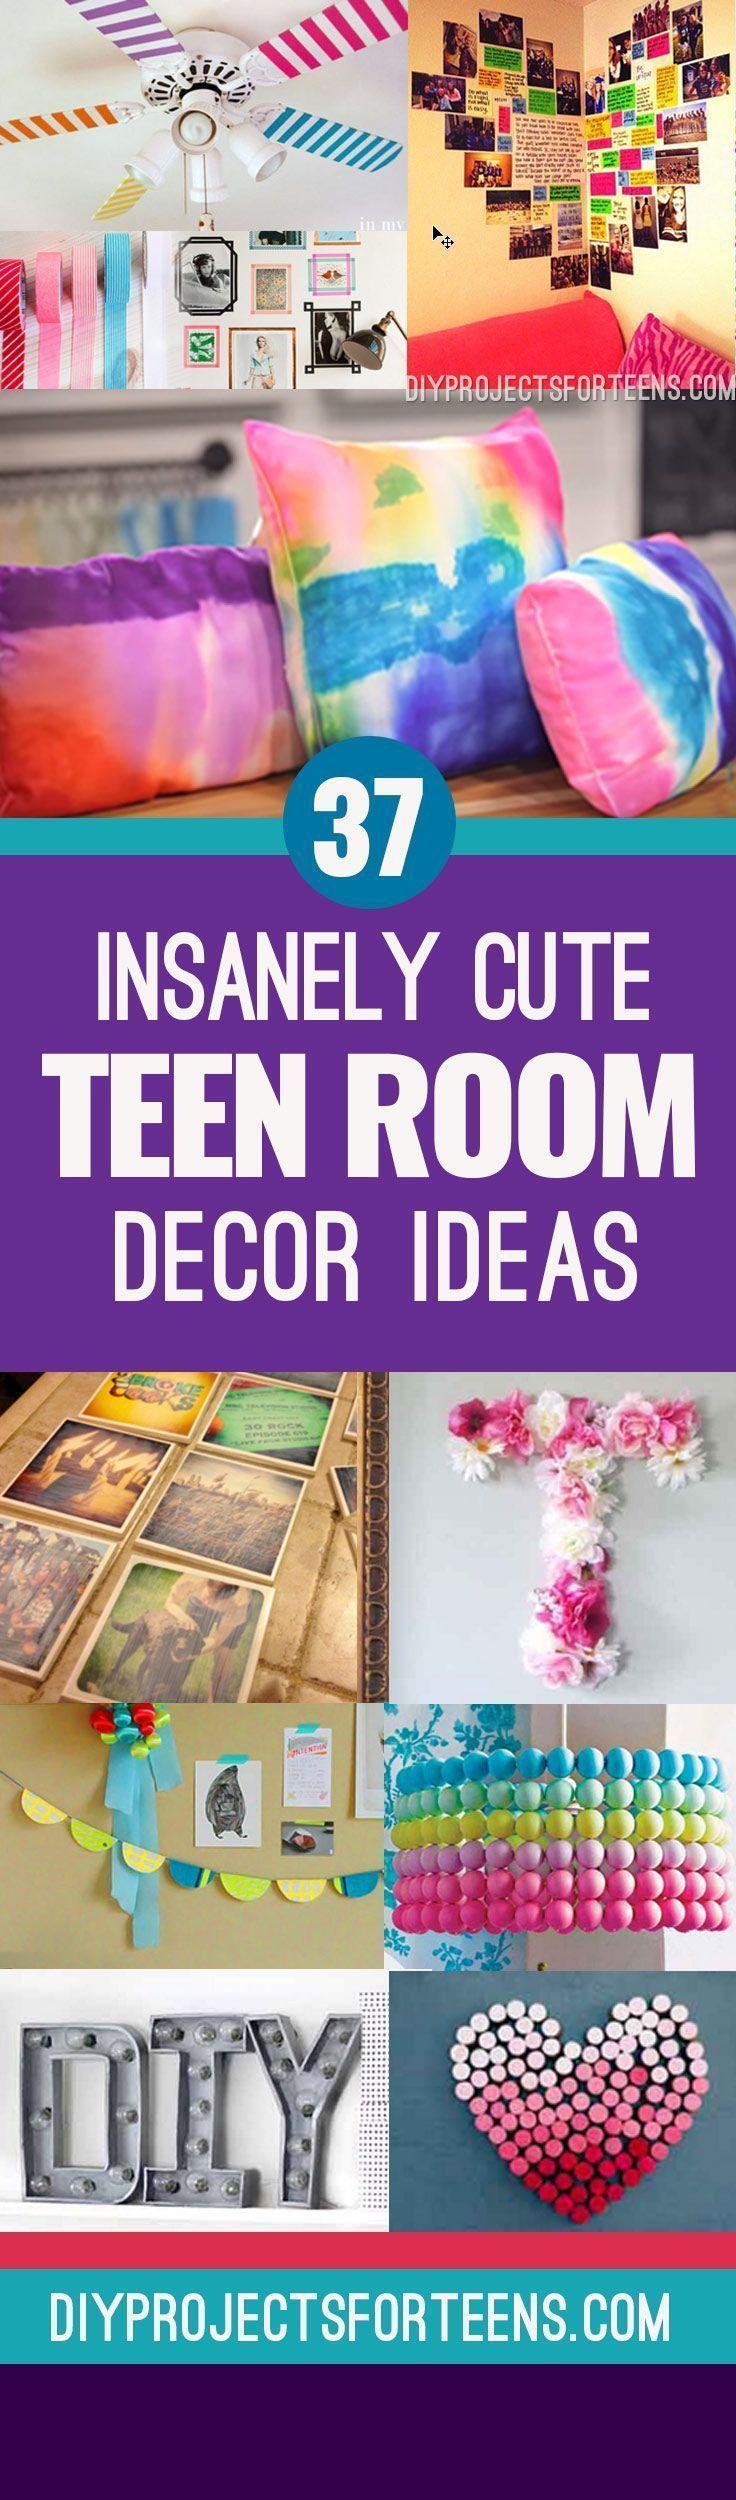 Cute DIY Room Decor Ideas for Teens - Best DIY Room Decor Ideas from Pinterest…